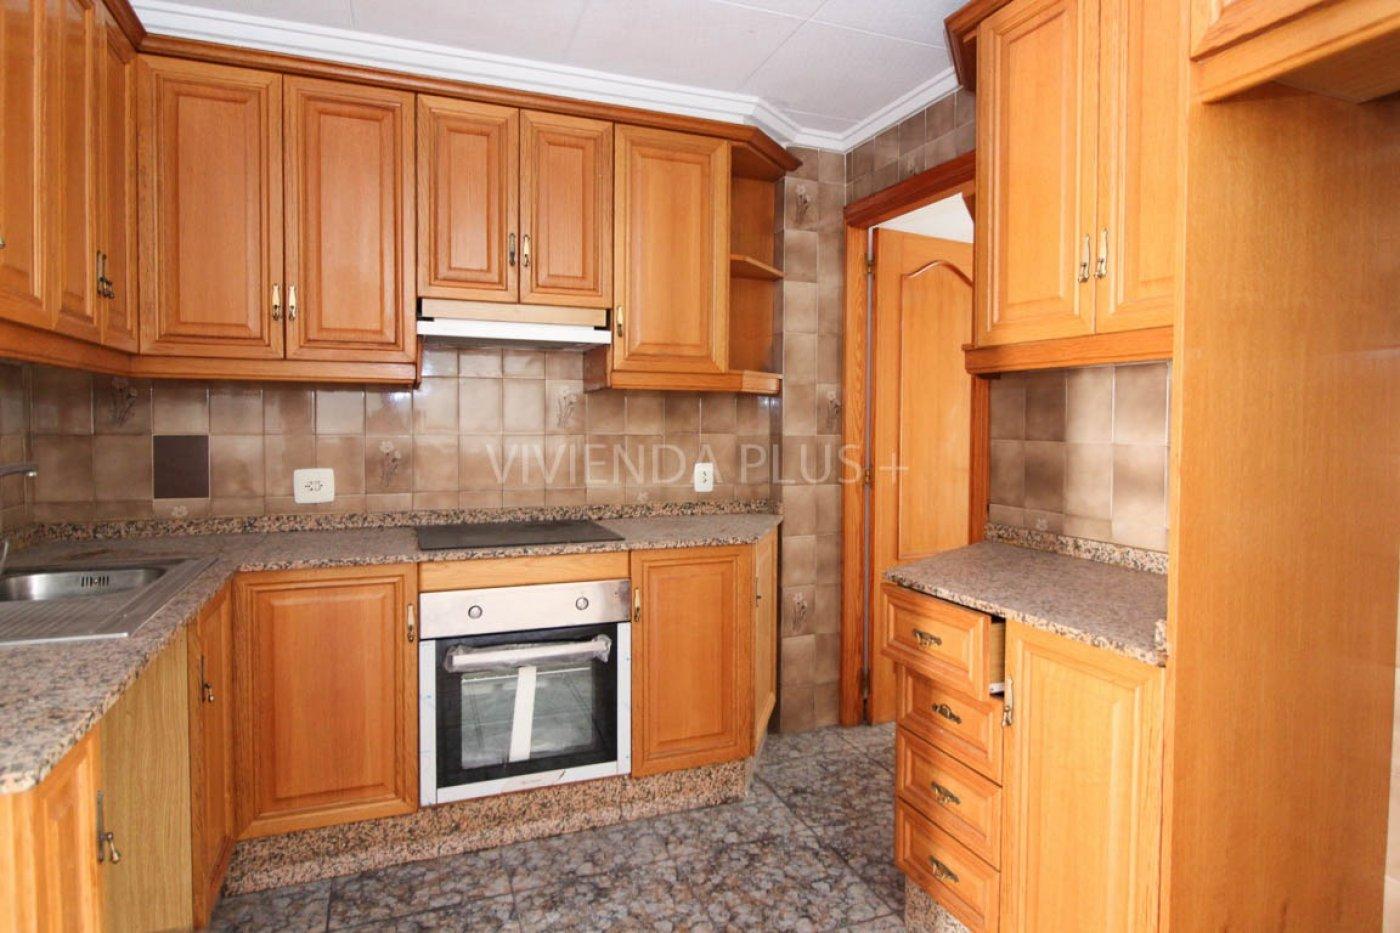 Vivienda en carrus de 3 dormitorios , baño comedor y cocina con office, inmueble de banca